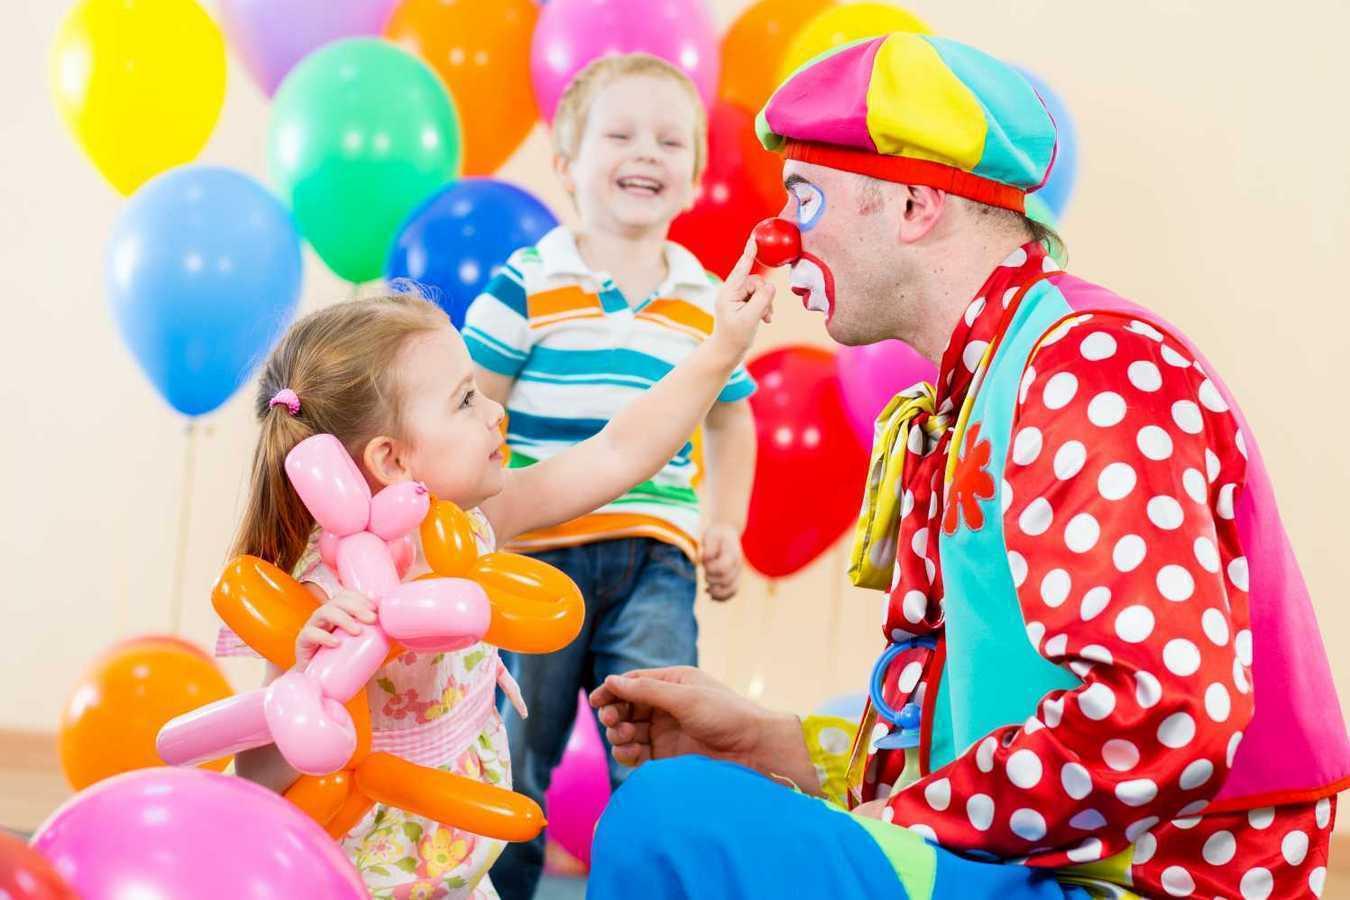 На фото: празднование детского дня рождения с аниматорами.